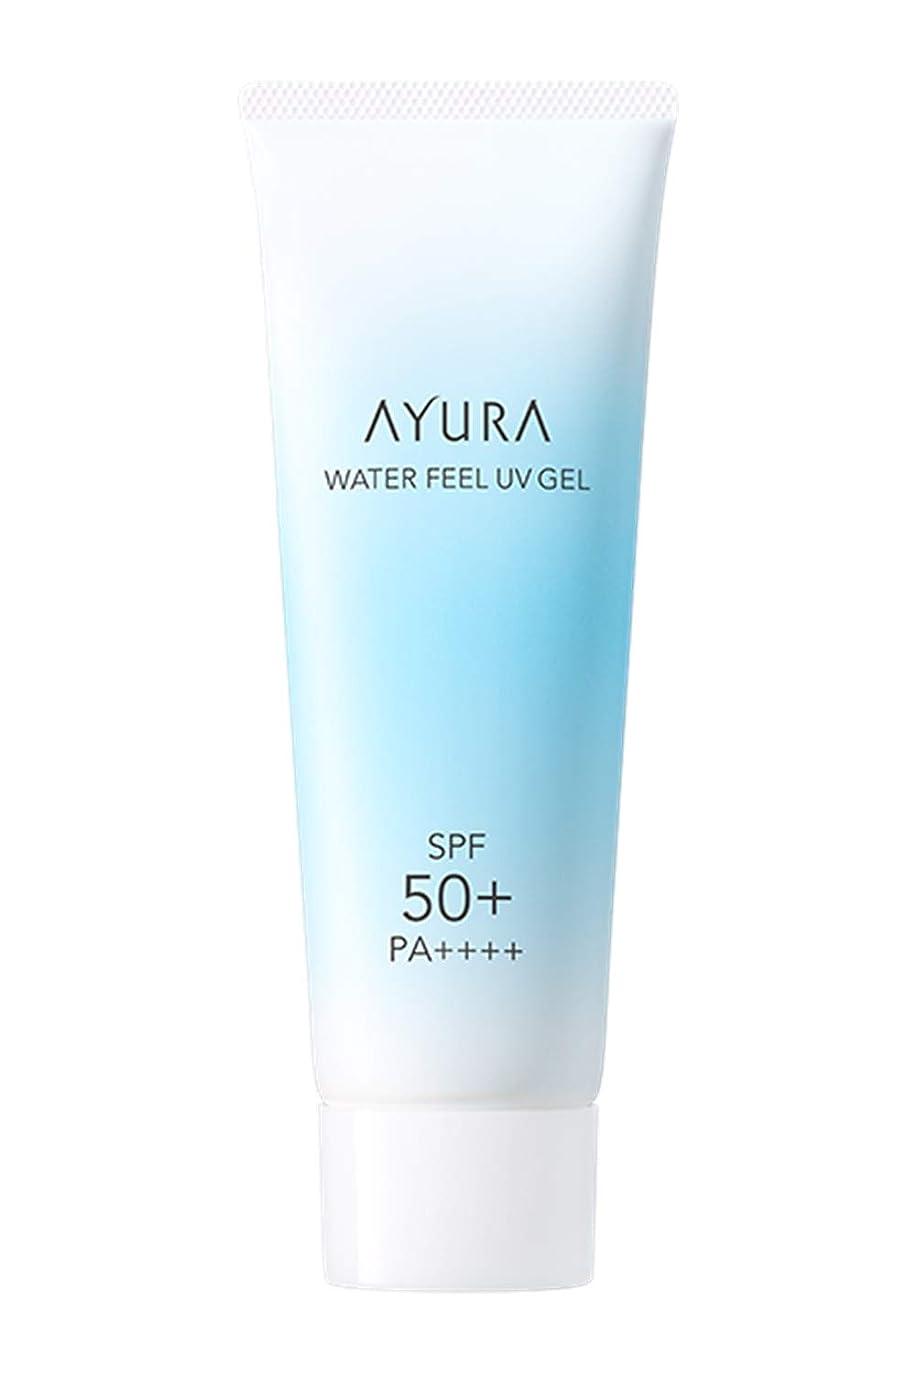 器用識字抵当アユーラ (AYURA) ウォーターフィール UVジェルα SPF50+ PA++++ 75g 〈 日やけ止め 〉 たっぷりの水分 みずみずしい ずっと続く さらり 快適肌 洗顔料で落ちる アロマティックハーブの香り